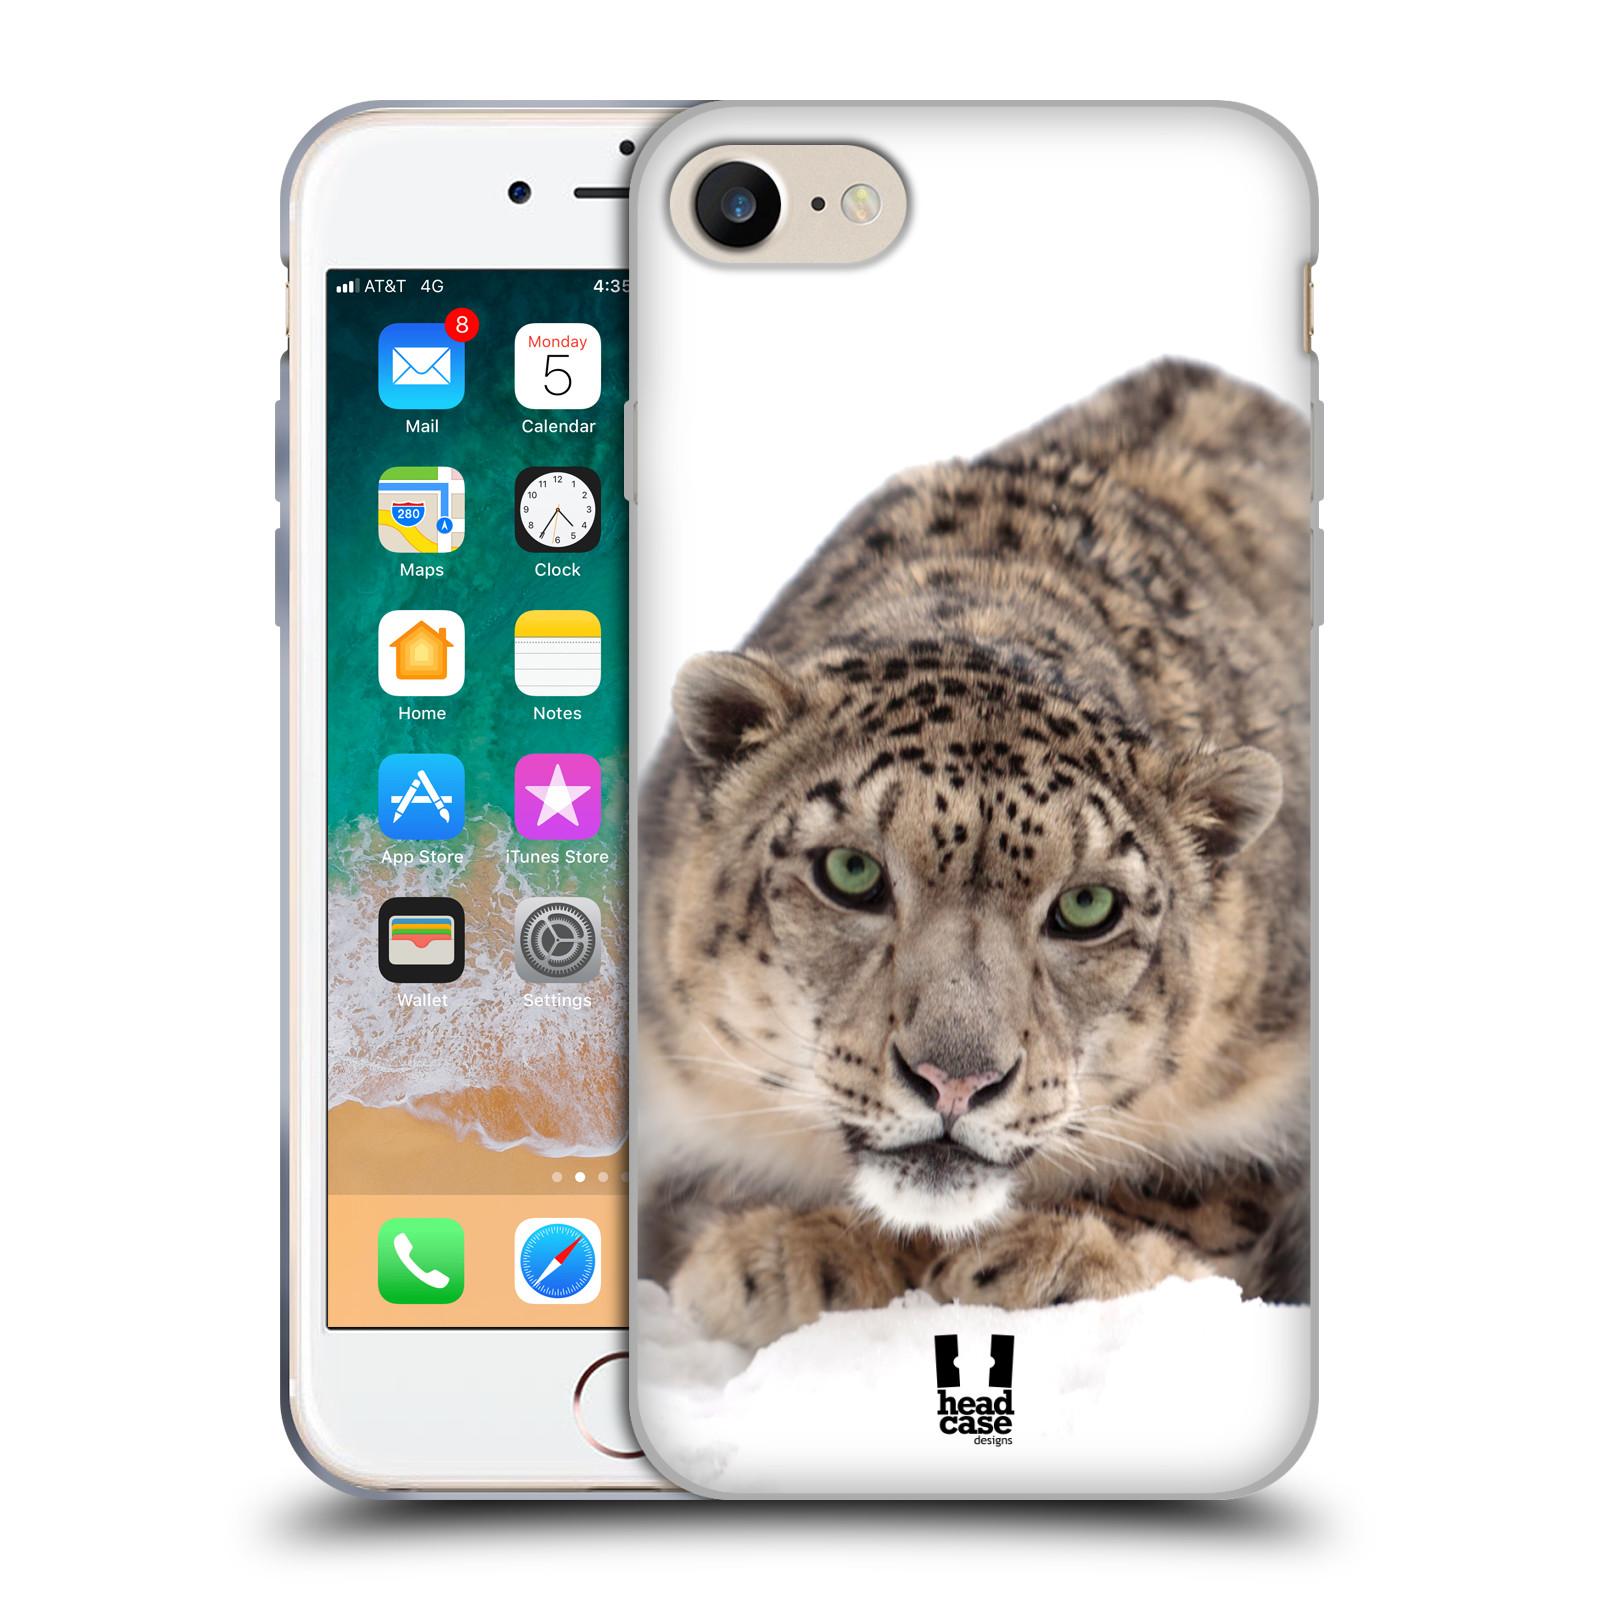 HEAD CASE silikonový obal na mobil Apple Iphone 7 vzor Divočina, Divoký život a zvířata foto SNĚŽNÝ LEOPARD